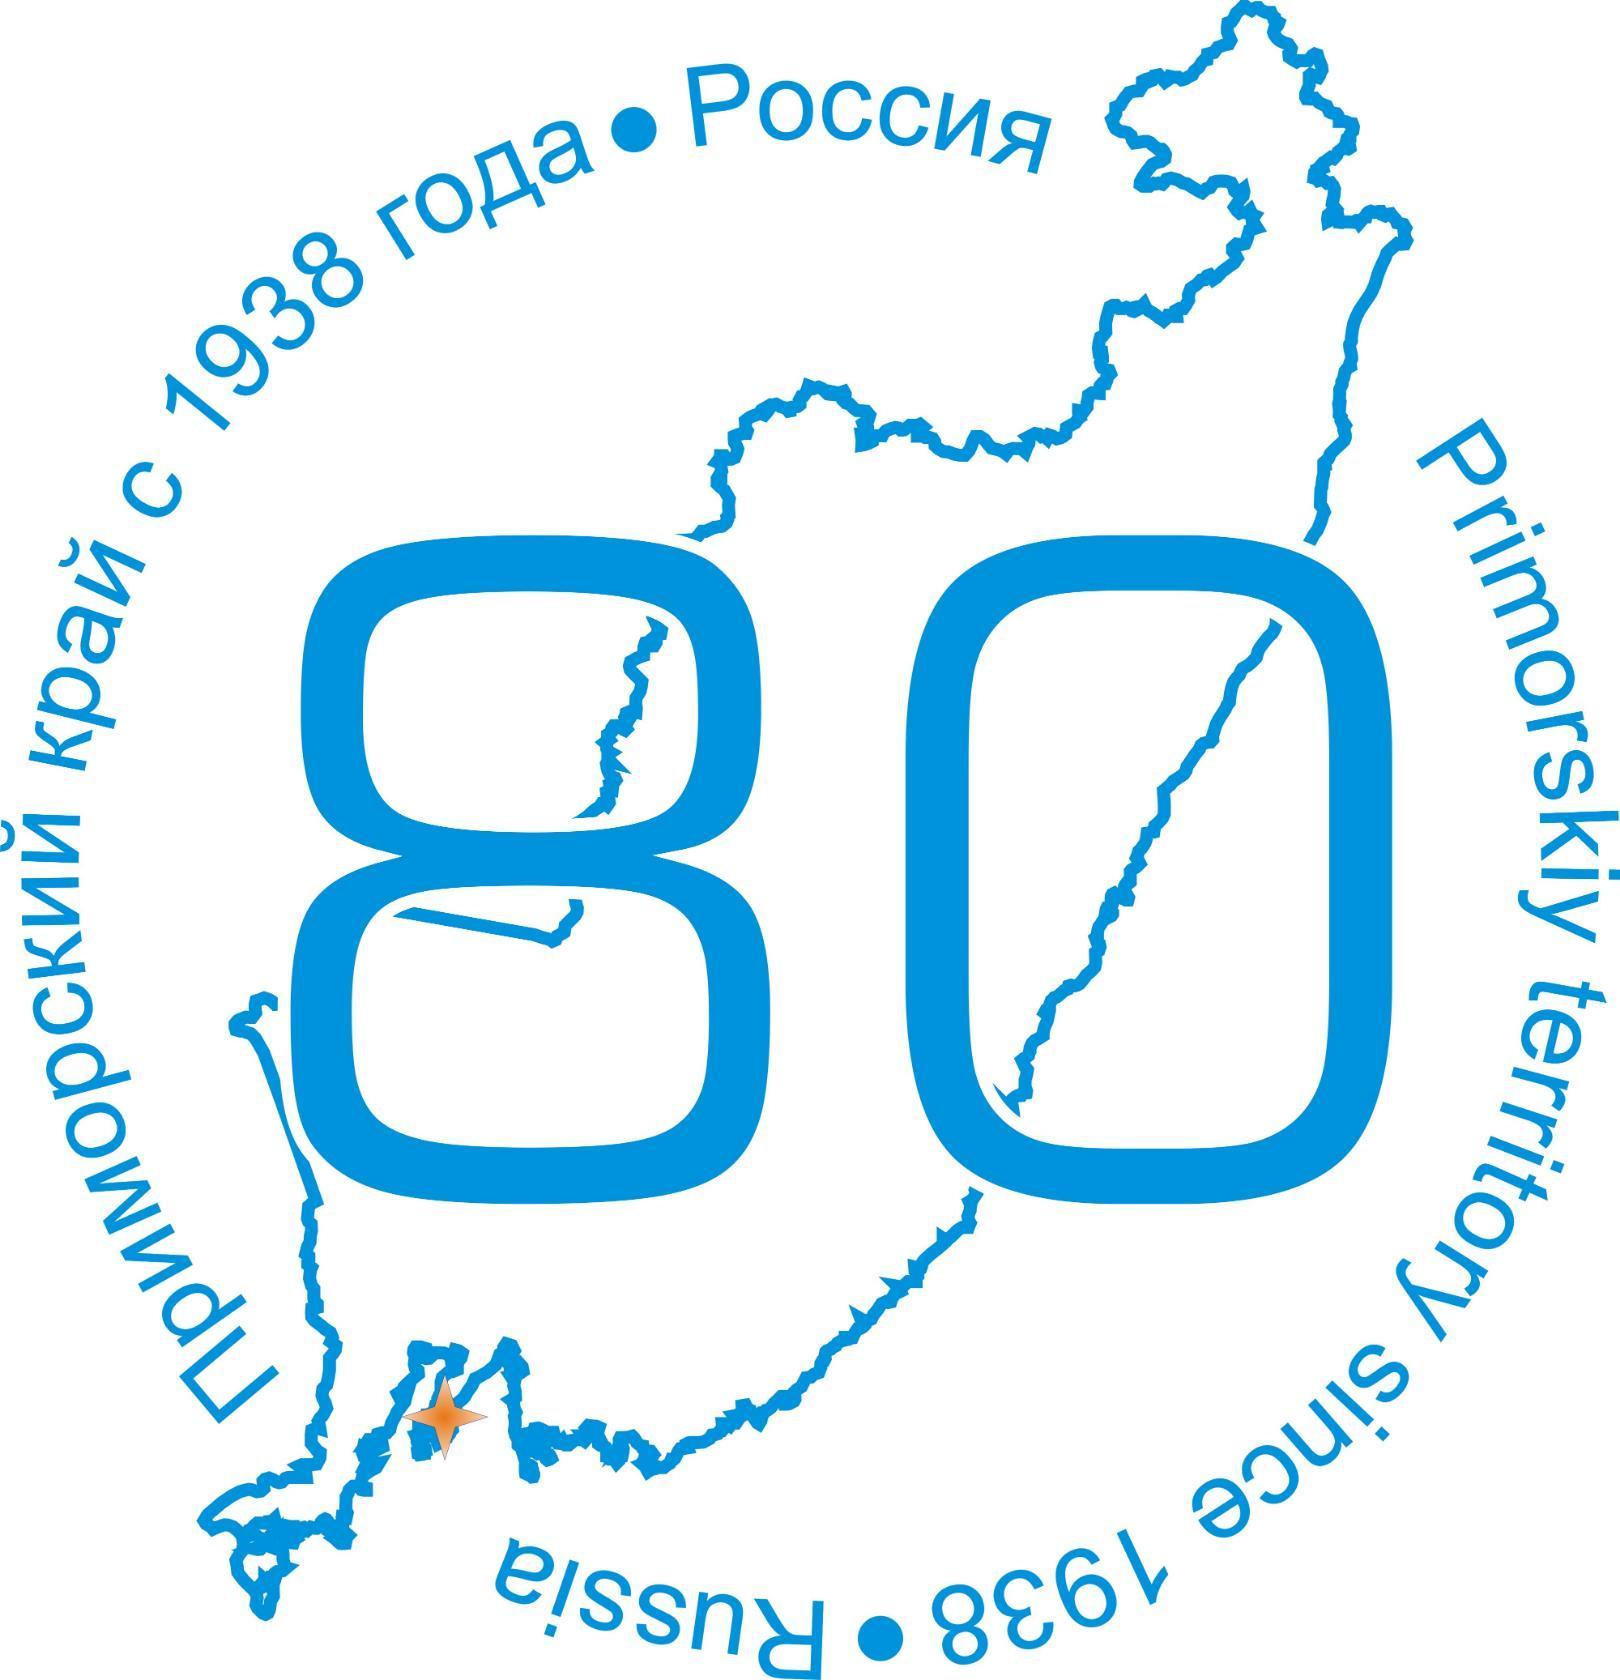 Логотип, под которым проходило наше путешествие